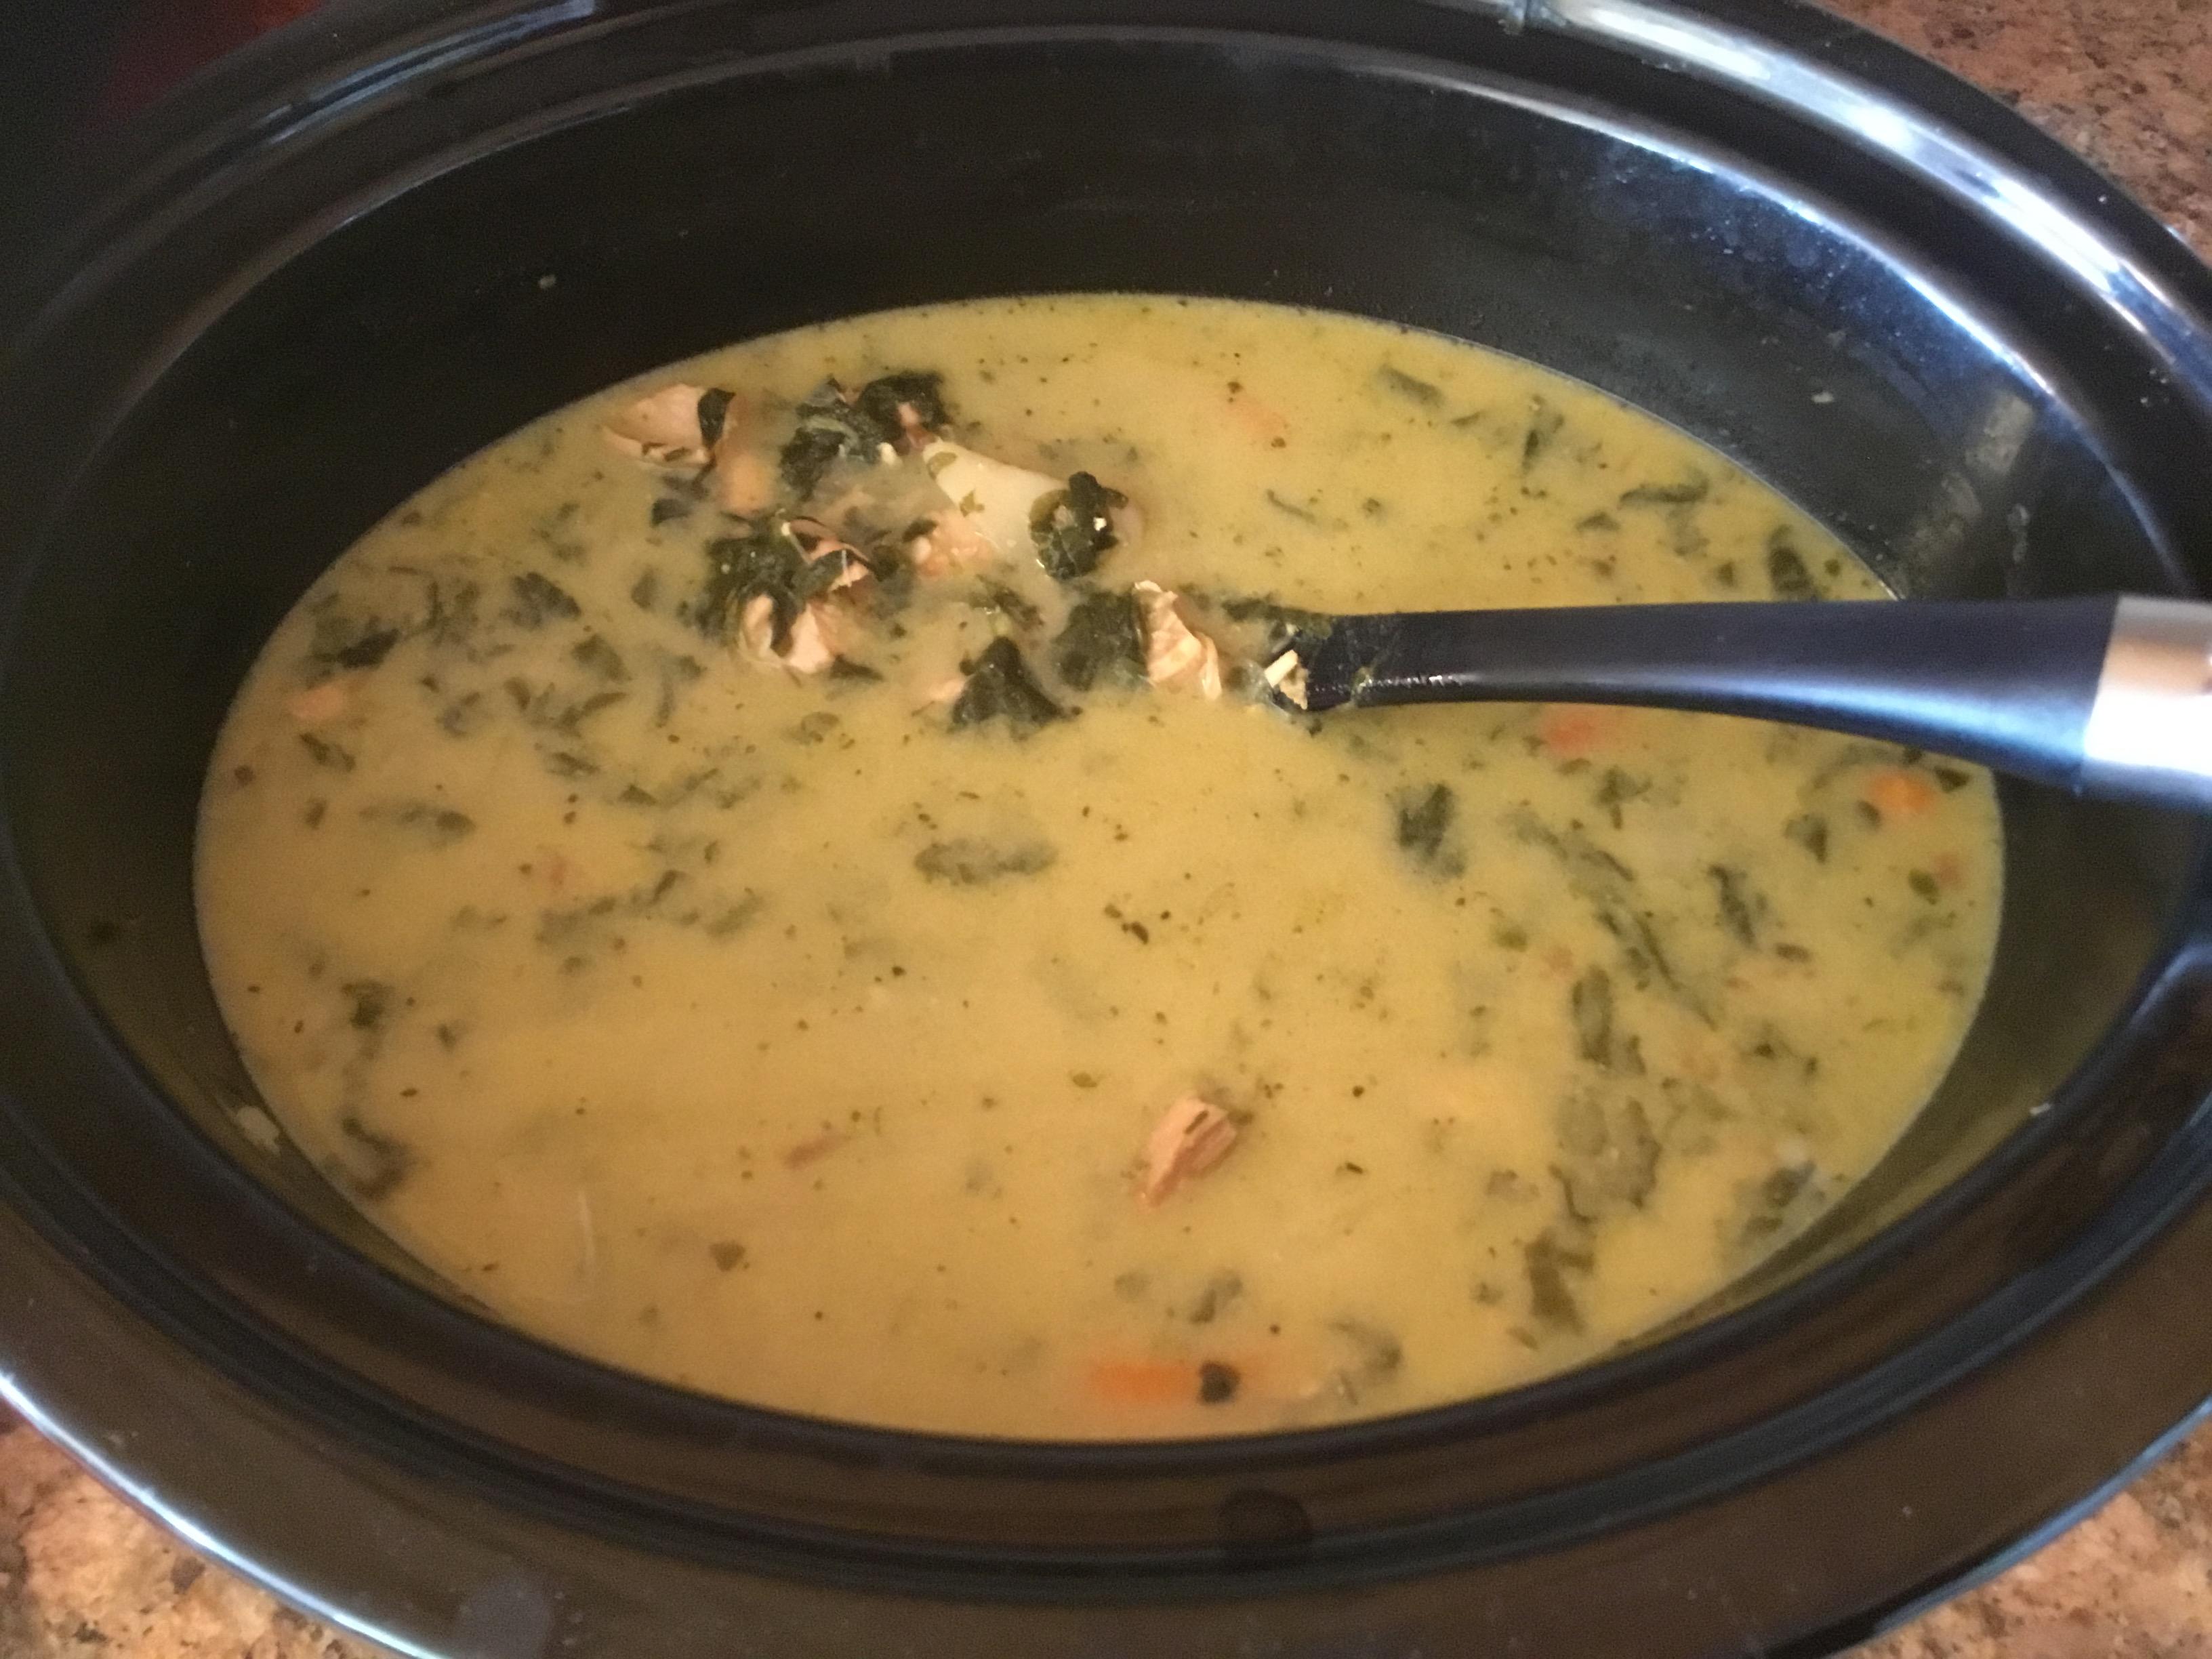 Savory, Zesty Cream of Potato Soup Helen Rodemeyer